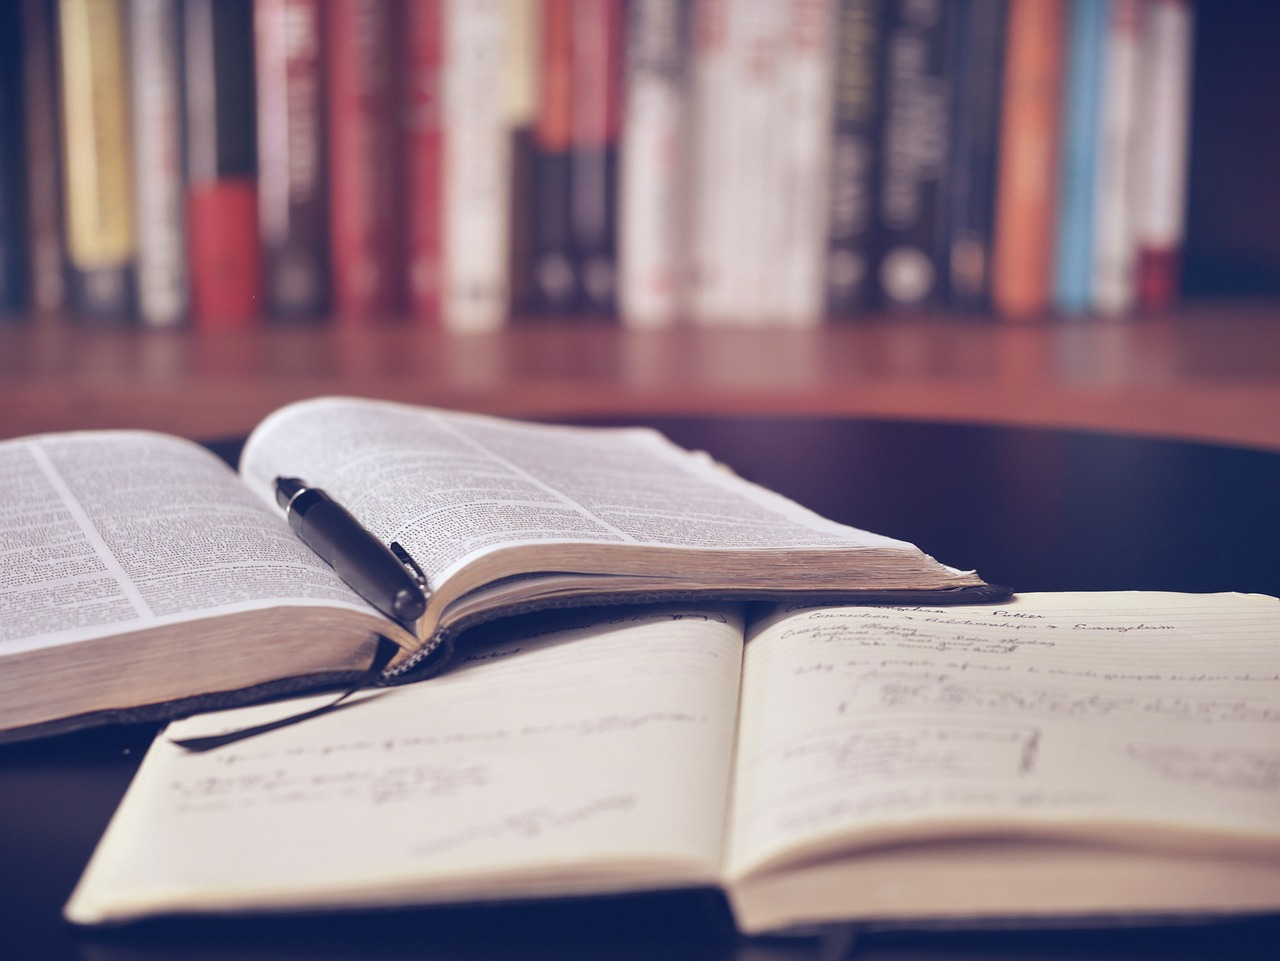 Księgarnia z książkami katolickimi